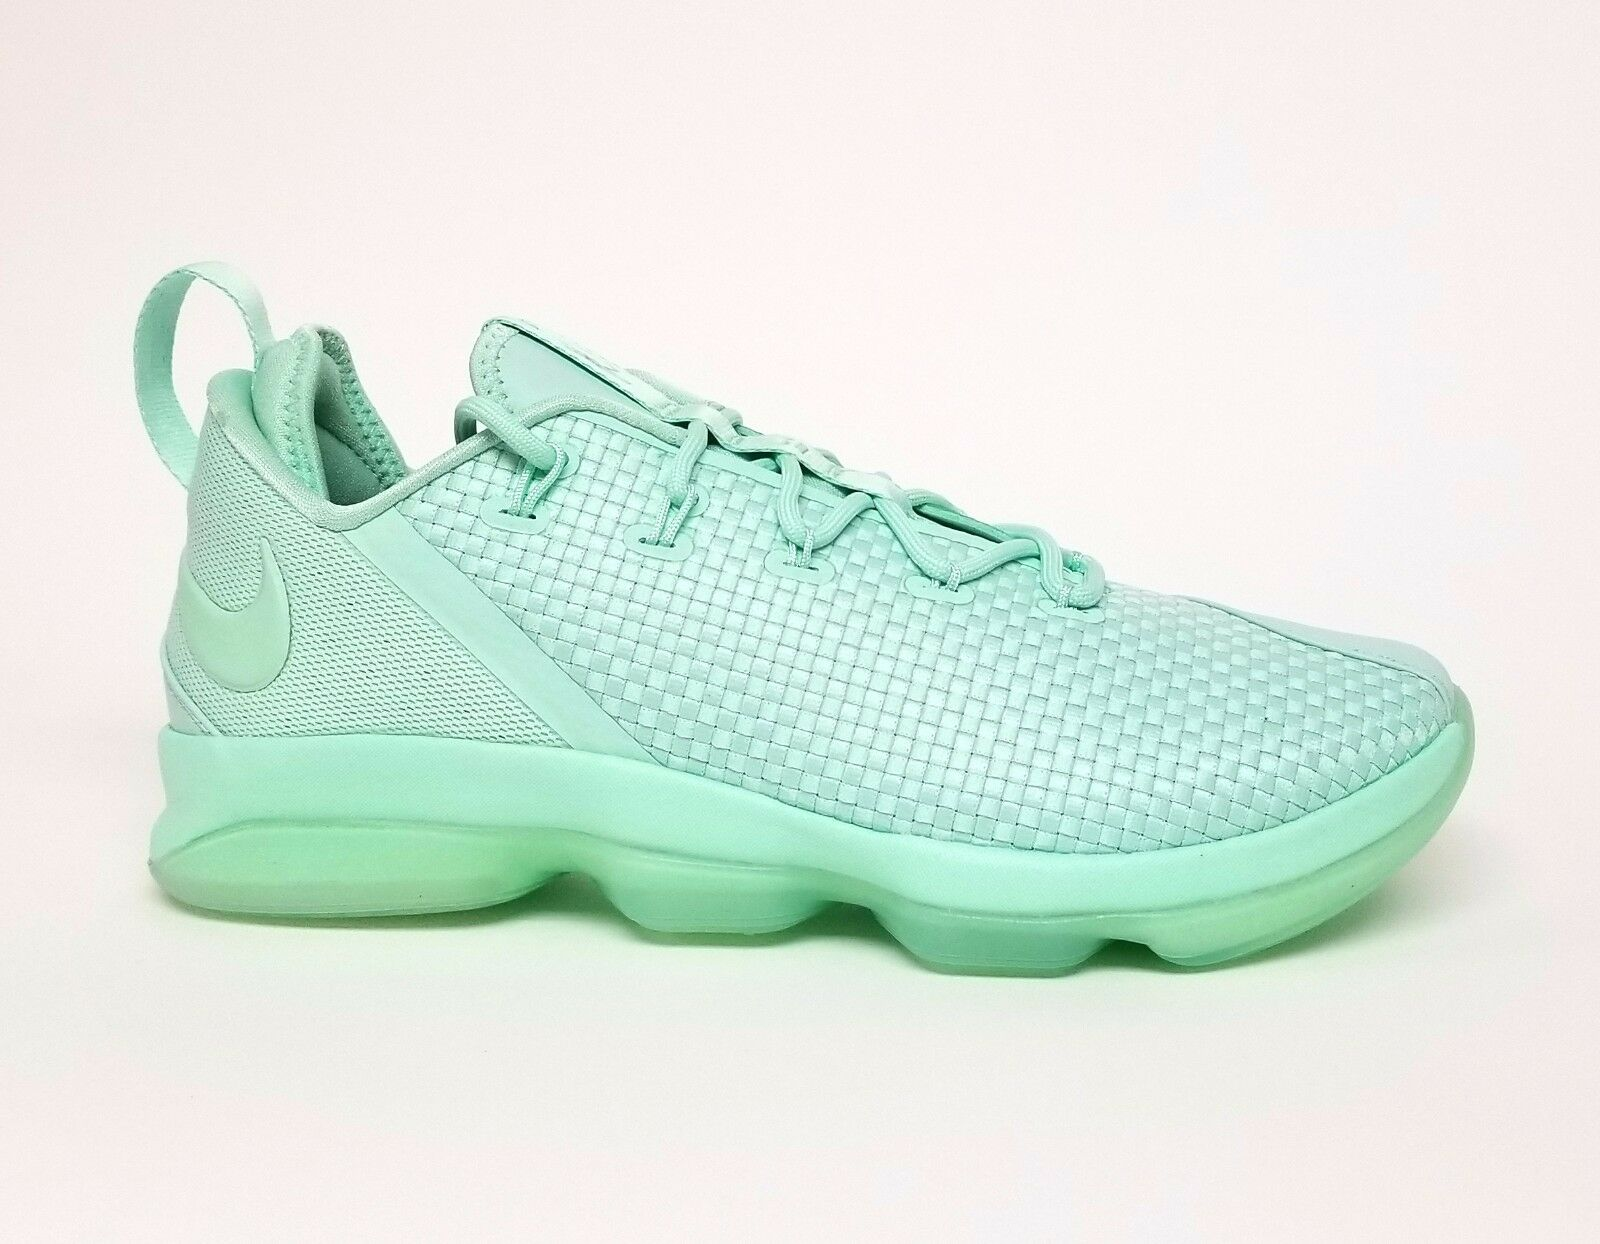 95cc837dbf6 Nike Men s LEBRON XIV LOW Basketball Shoes MINT FOAM 878636-300 878636-300  878636